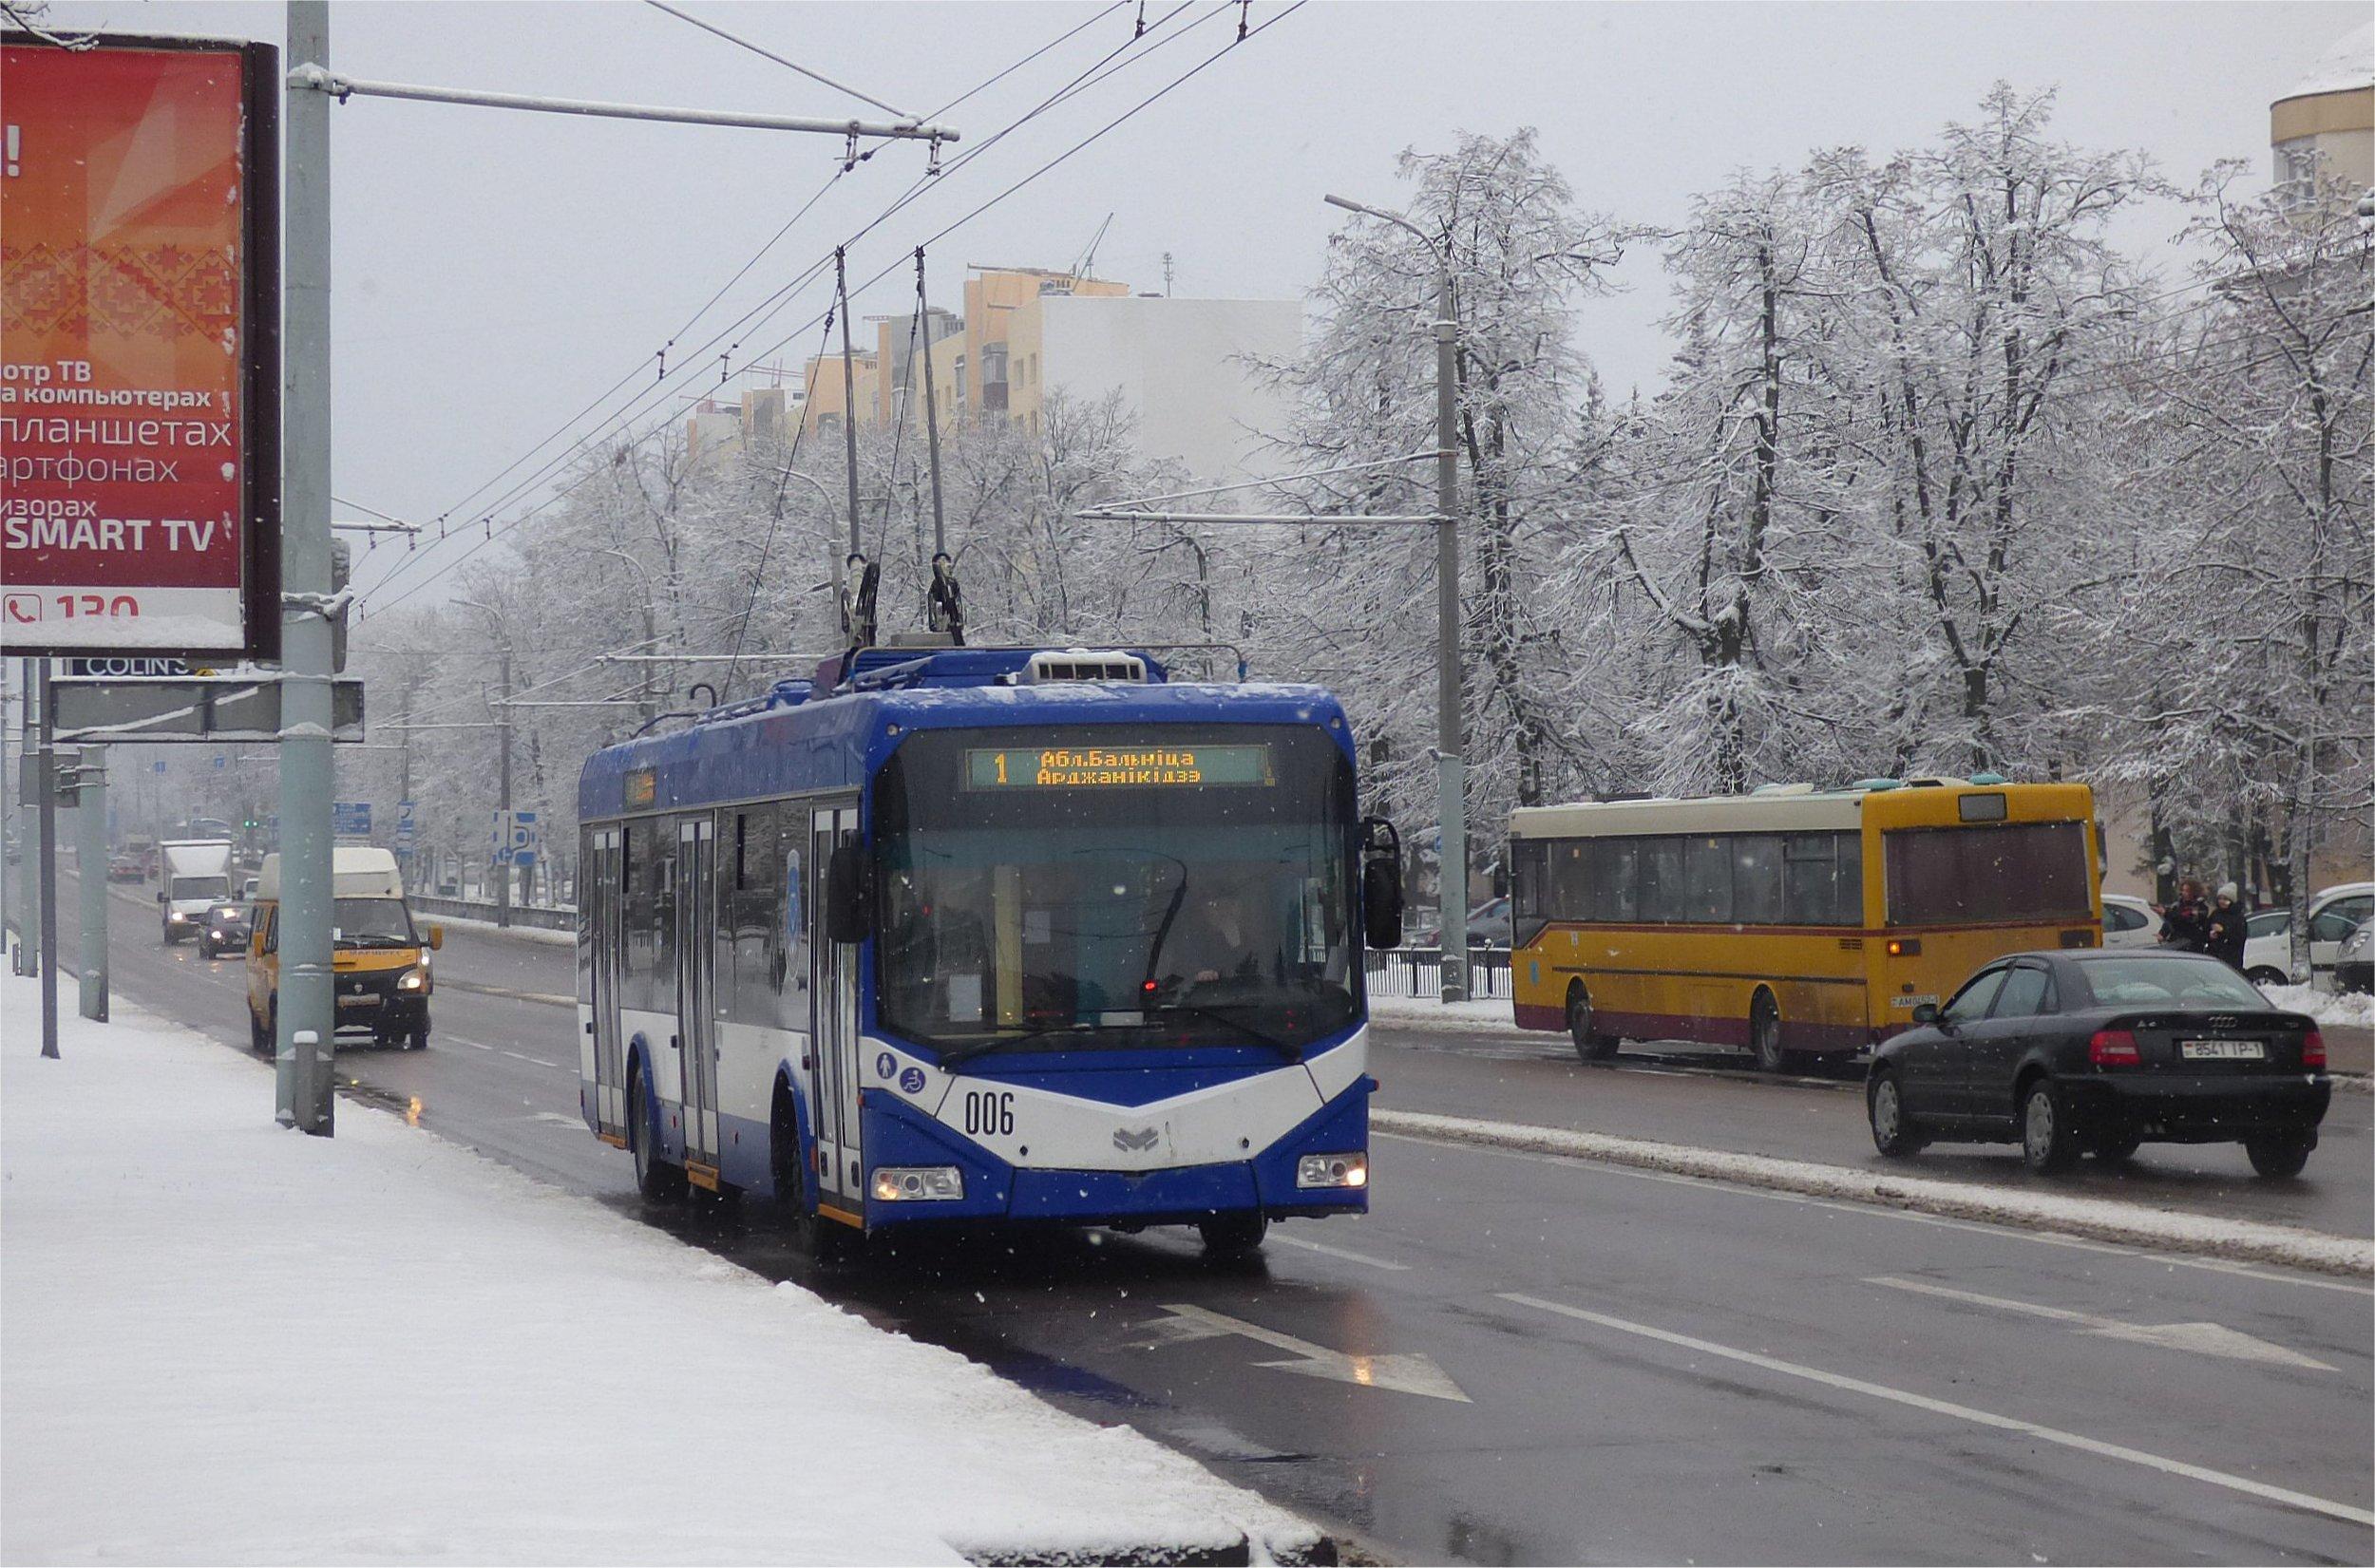 Snímky z lednového Brestu. (foto: 2x Sebastian Naumann)